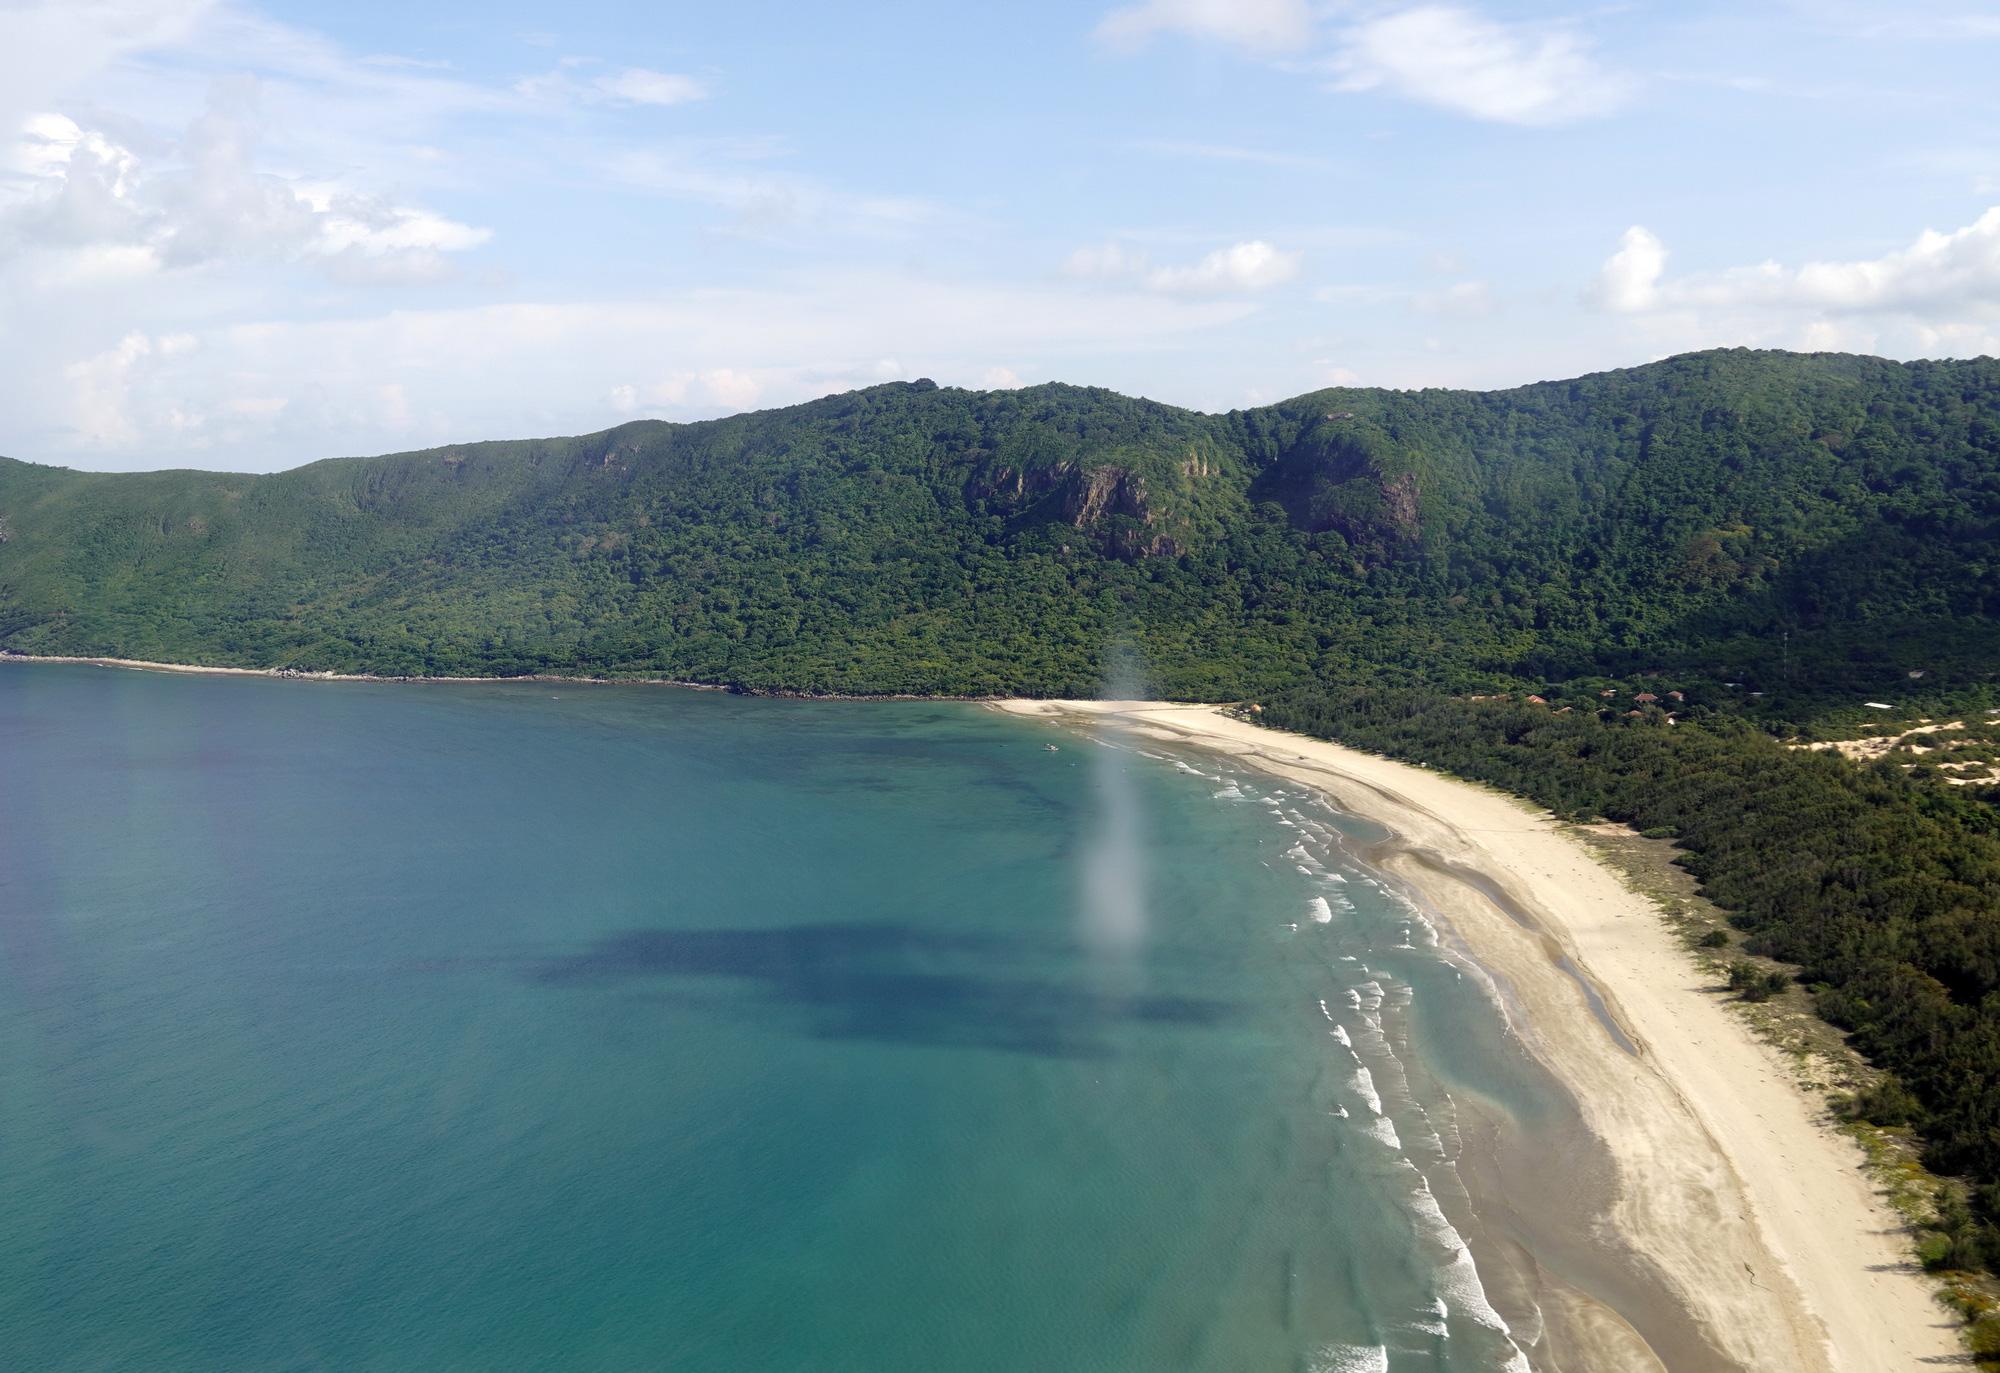 Bà Rịa - Vũng Tàu: Thí điểm cho 4 cơ sở du lịch lớn ở vùng xanh đón khách nội địa - Ảnh 2.